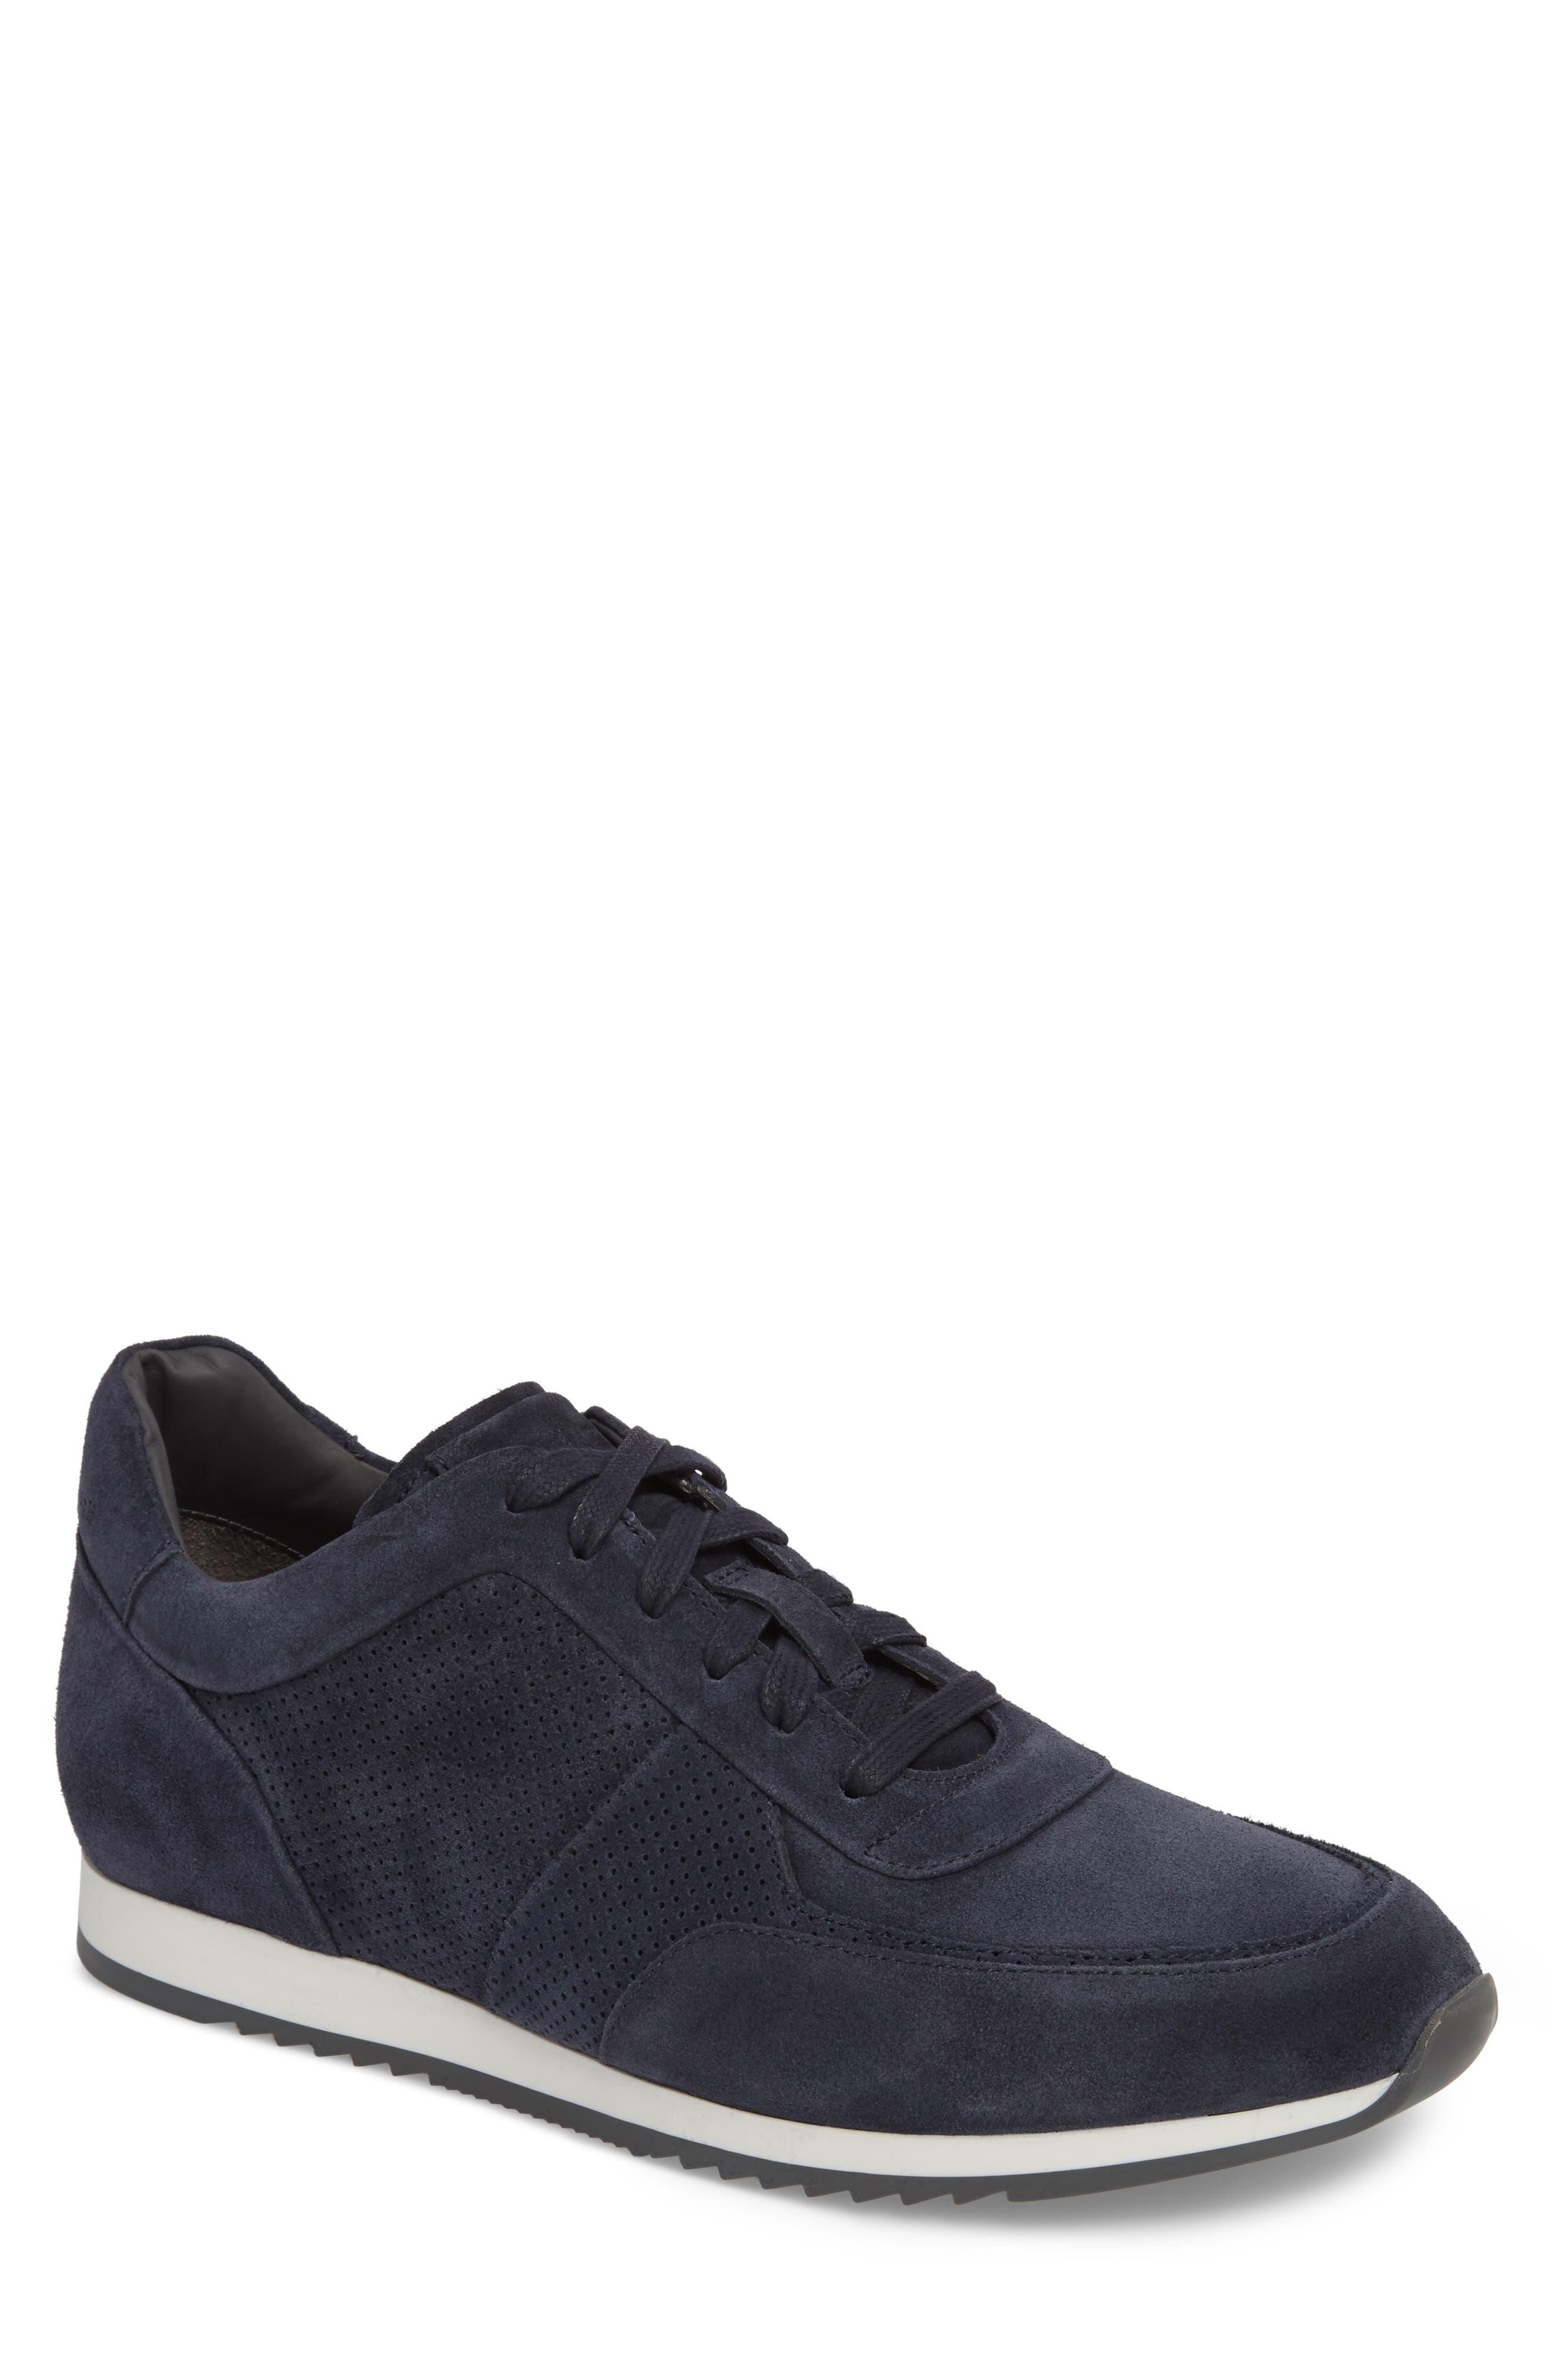 Fordham Low Top Sneaker,                         Main,                         color, 402